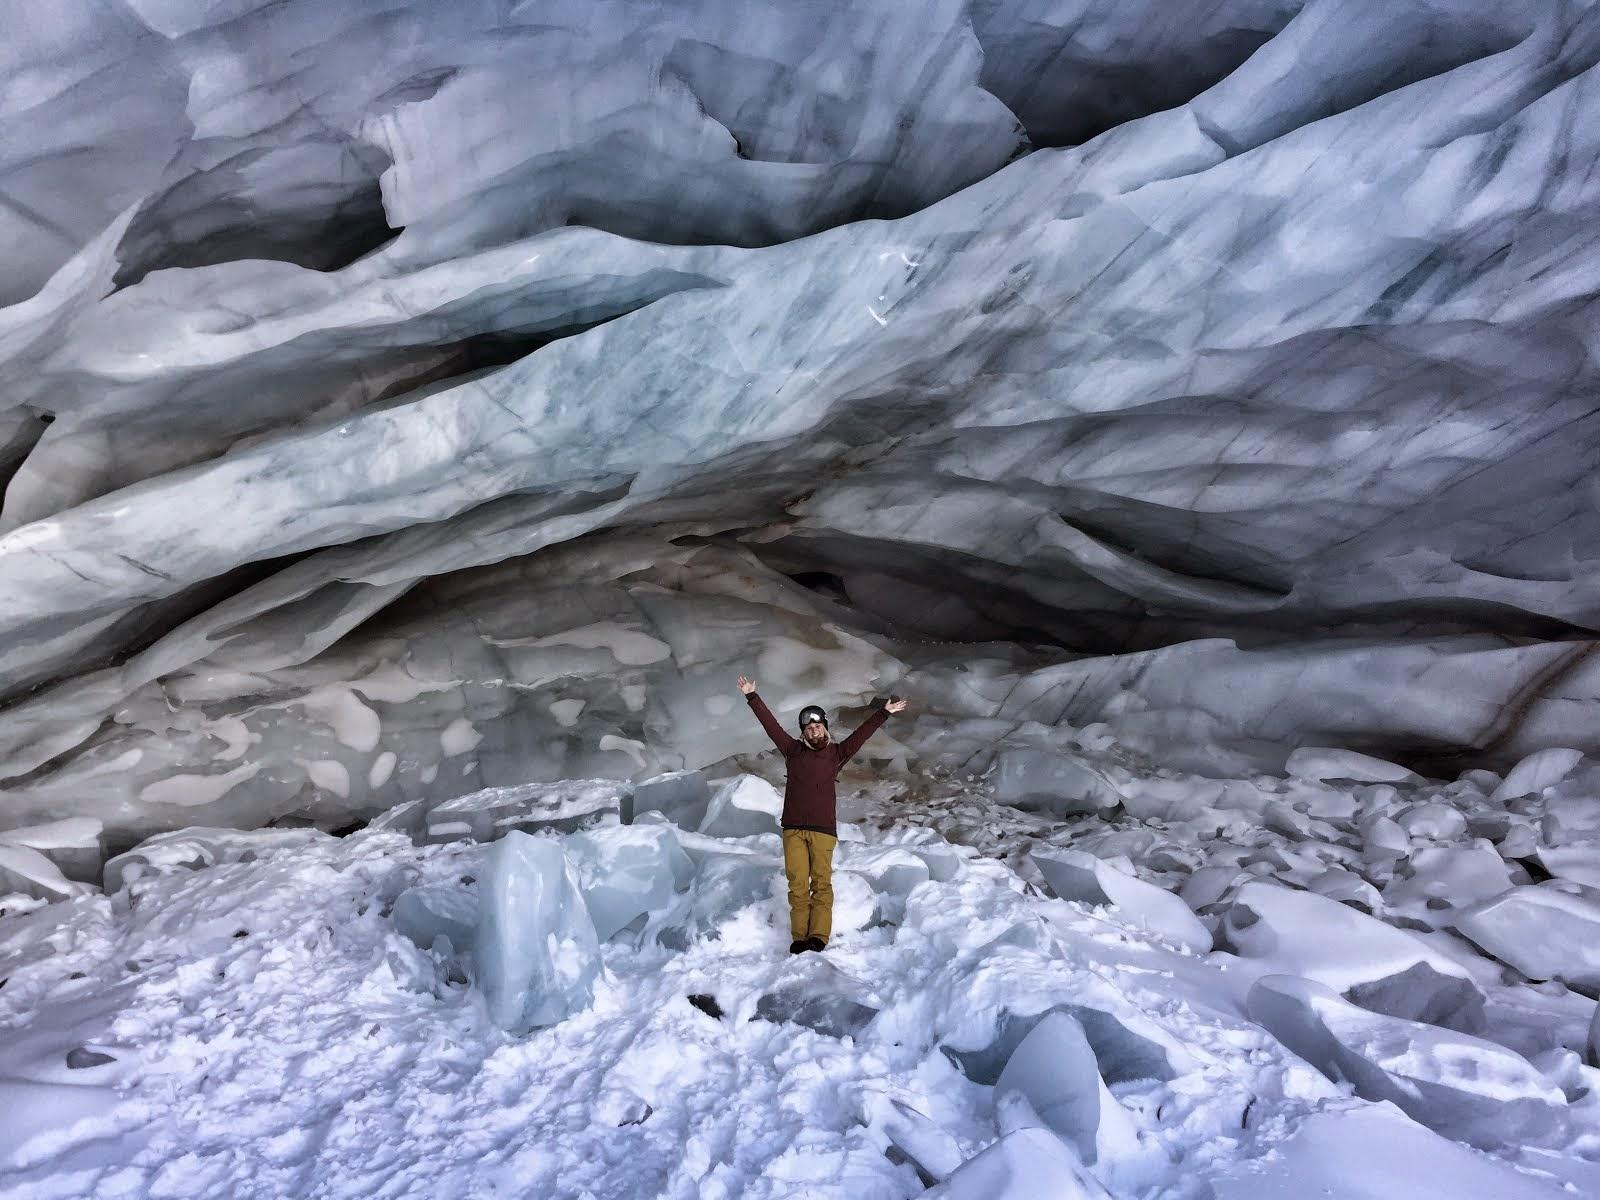 Ice cave in Pitzal, Austria